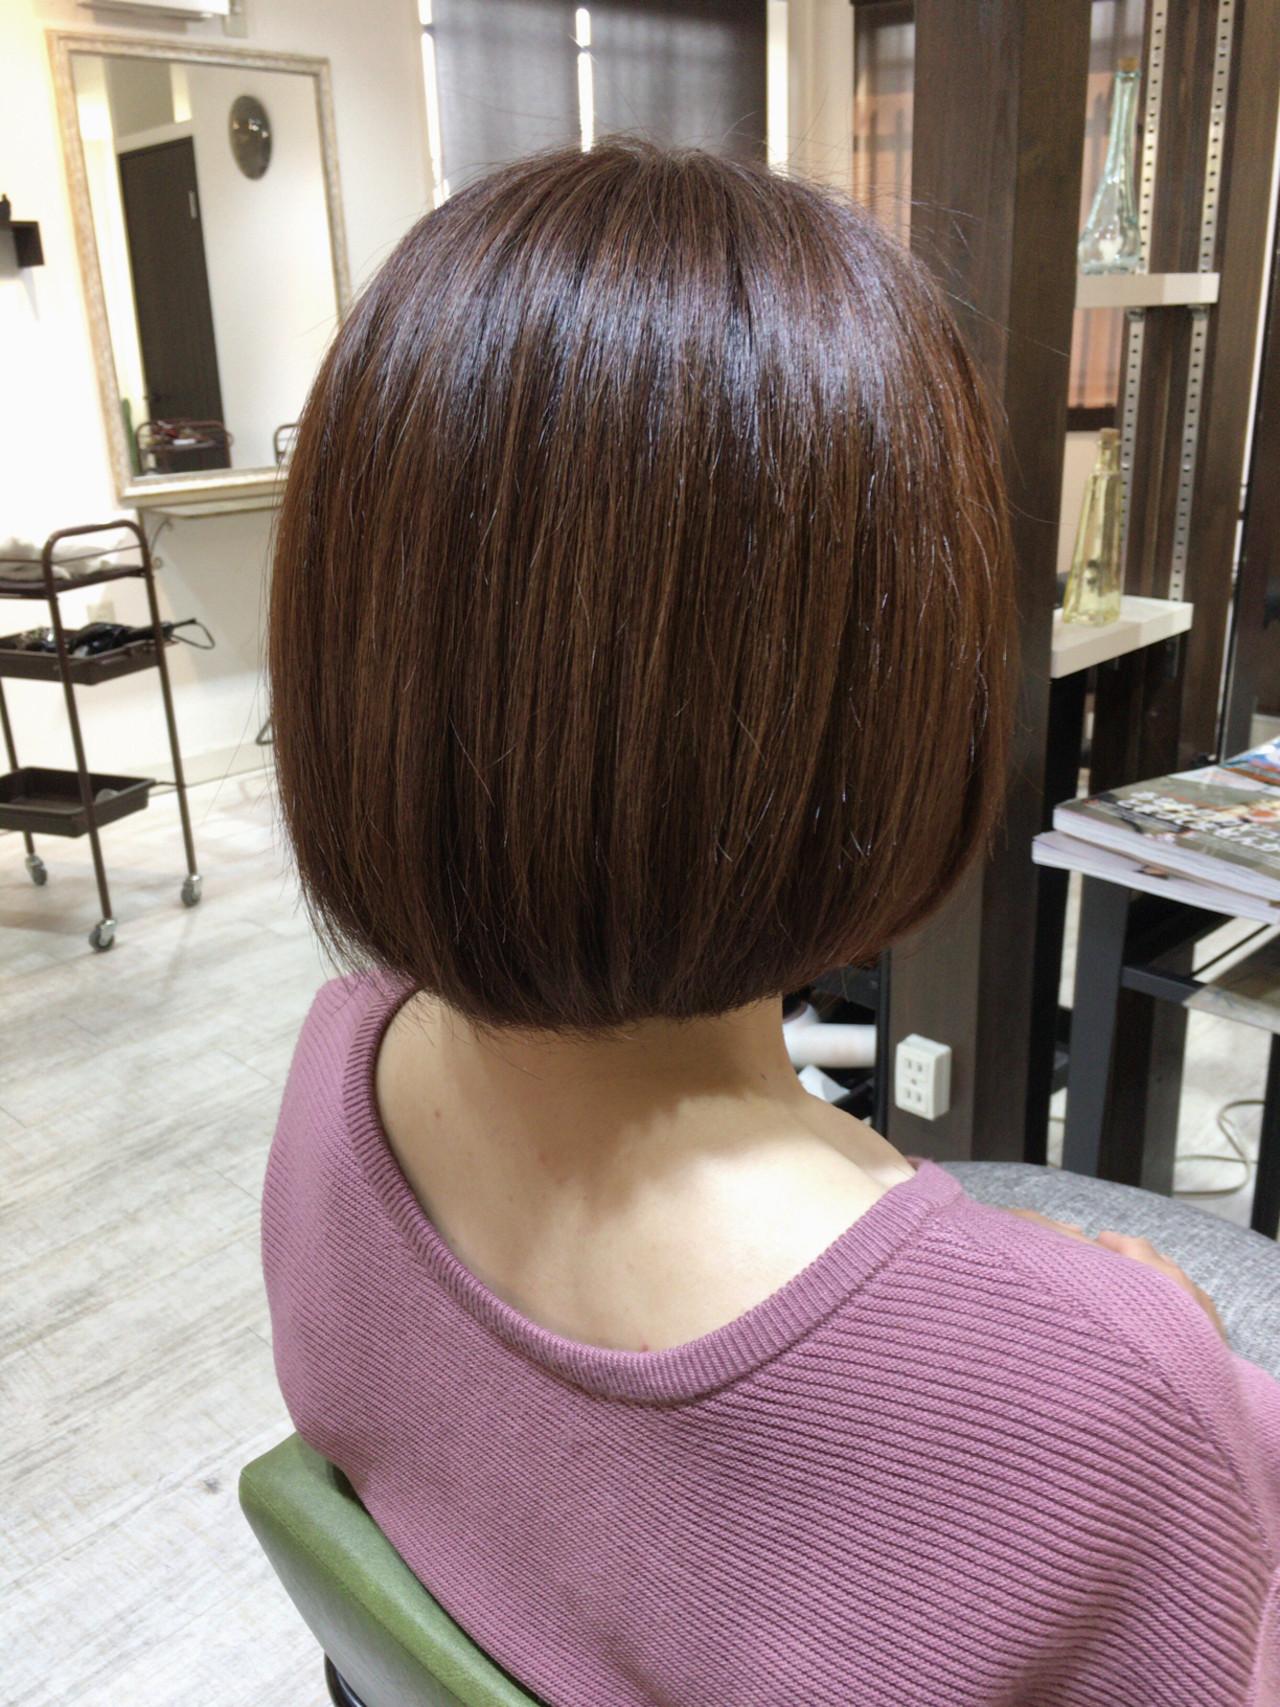 ブランジュ ボブ ナチュラル 美髪 ヘアスタイルや髪型の写真・画像